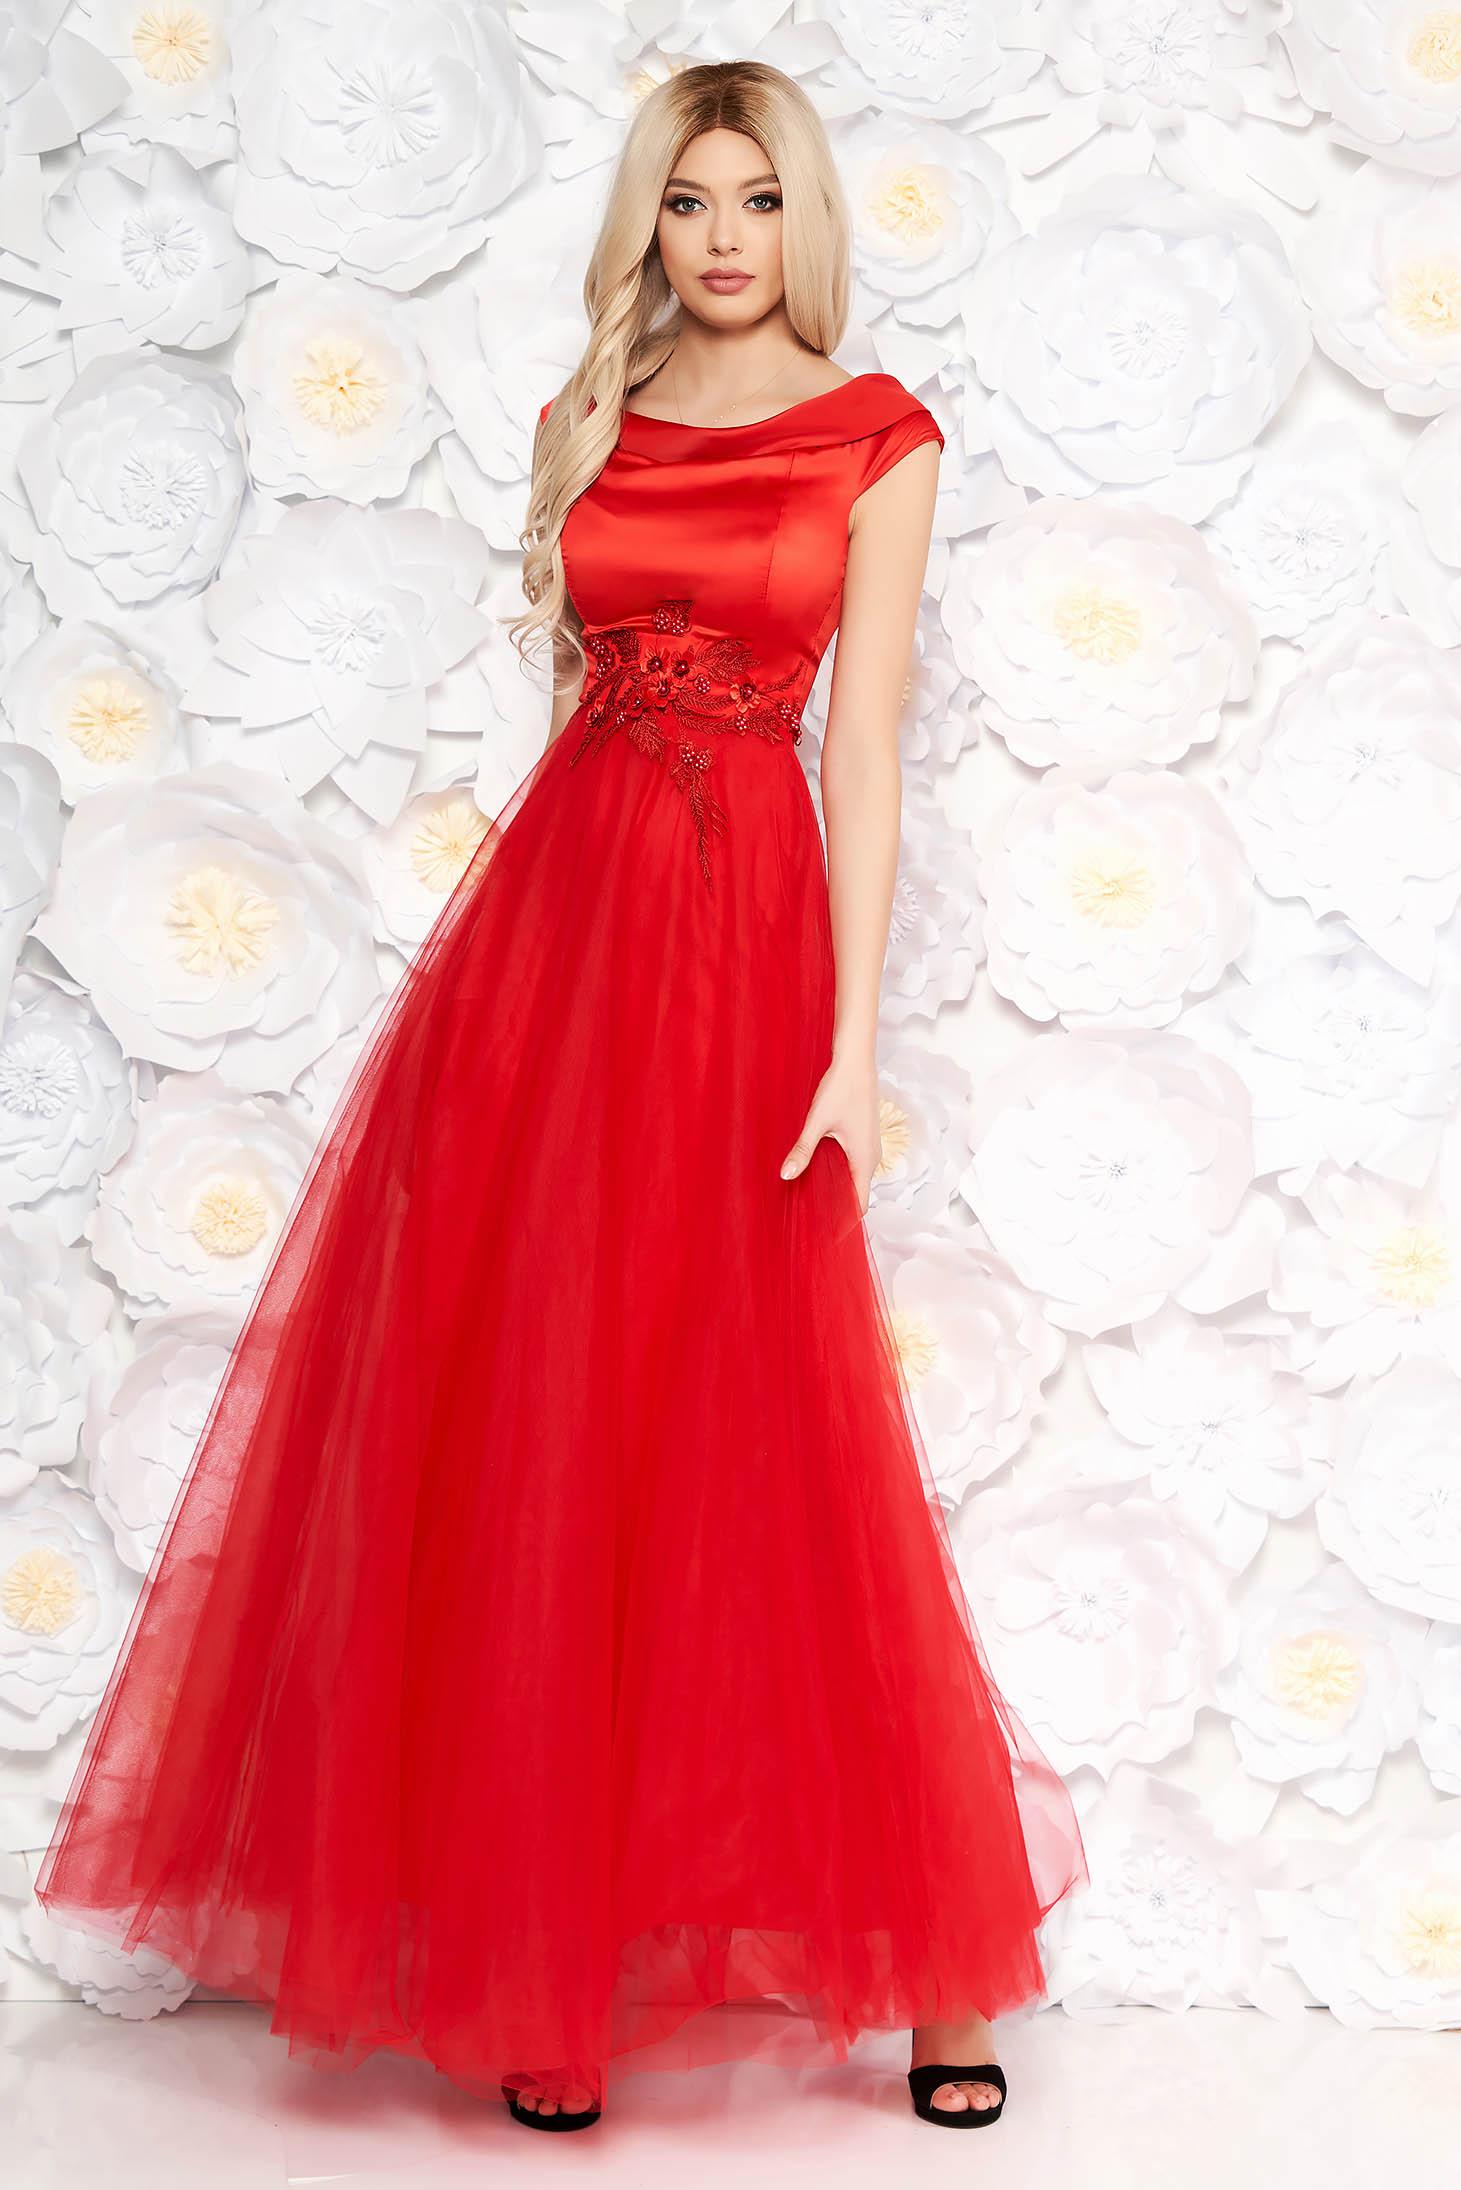 Rochie Artista rosie de ocazie din tul si material satinat cu aplicatii de dantela cu perle captusita pe interior